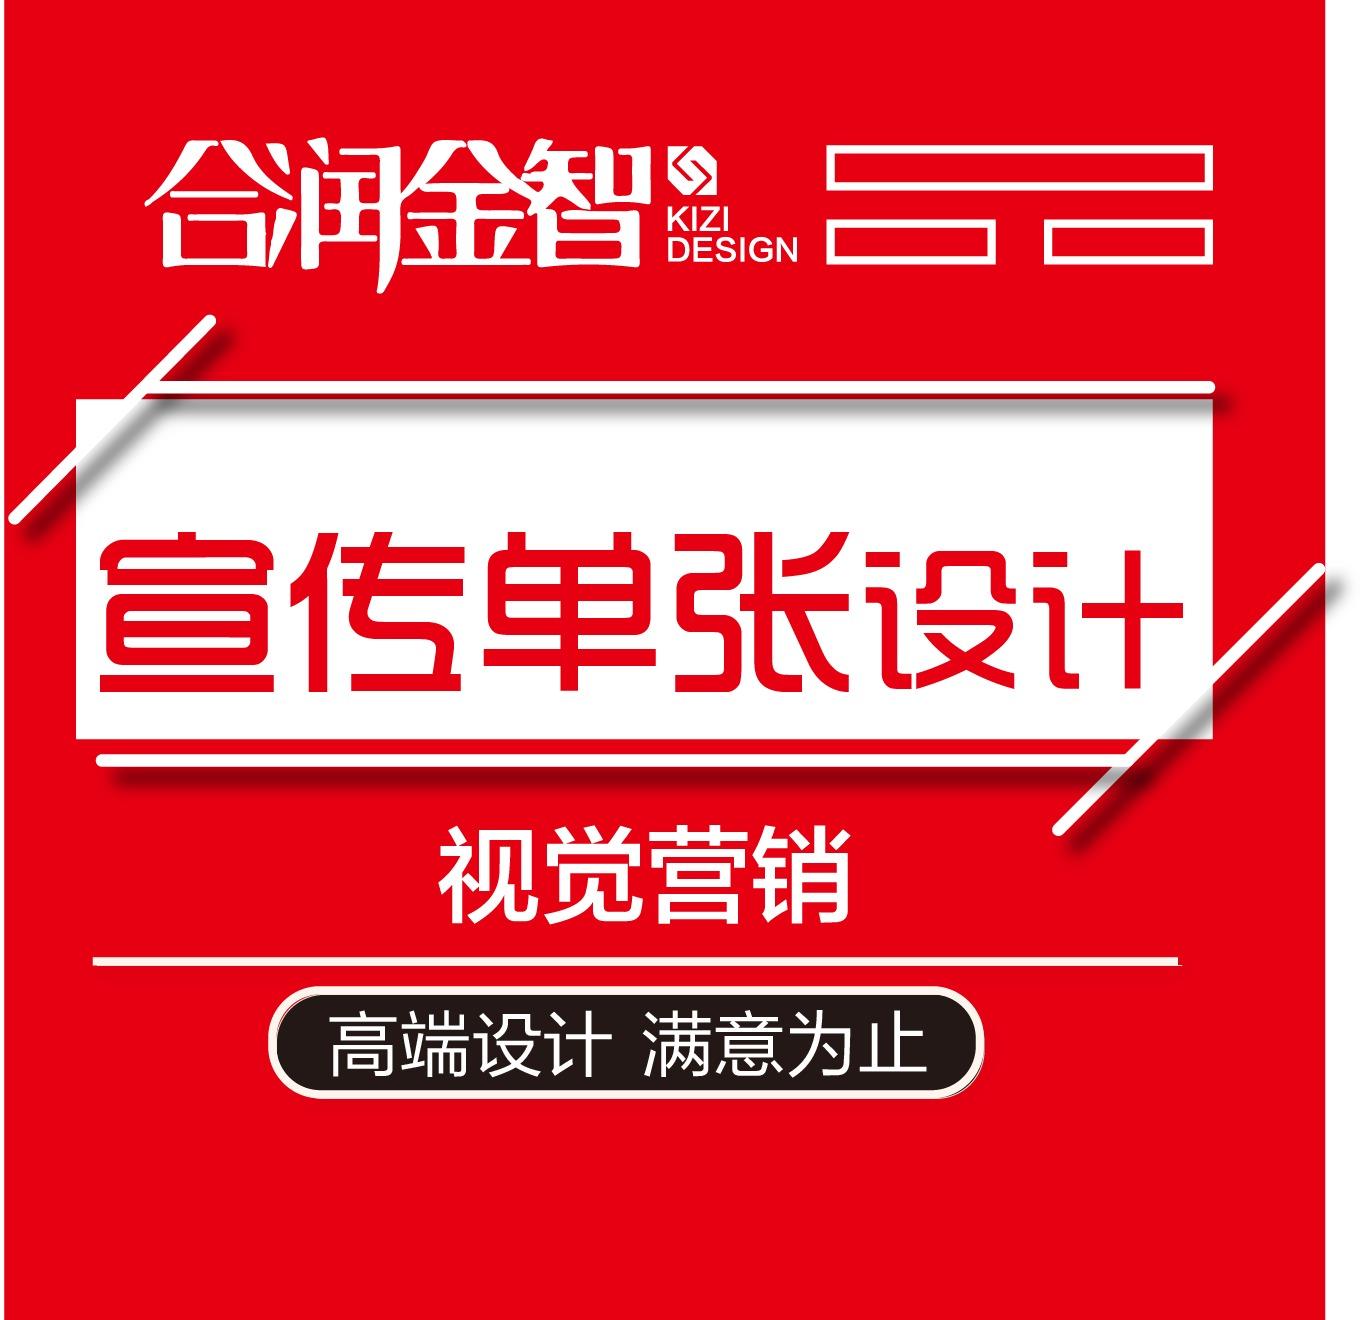 宣传单设计 折页设计 宣传册 设计 三折页 对折页 企业画册